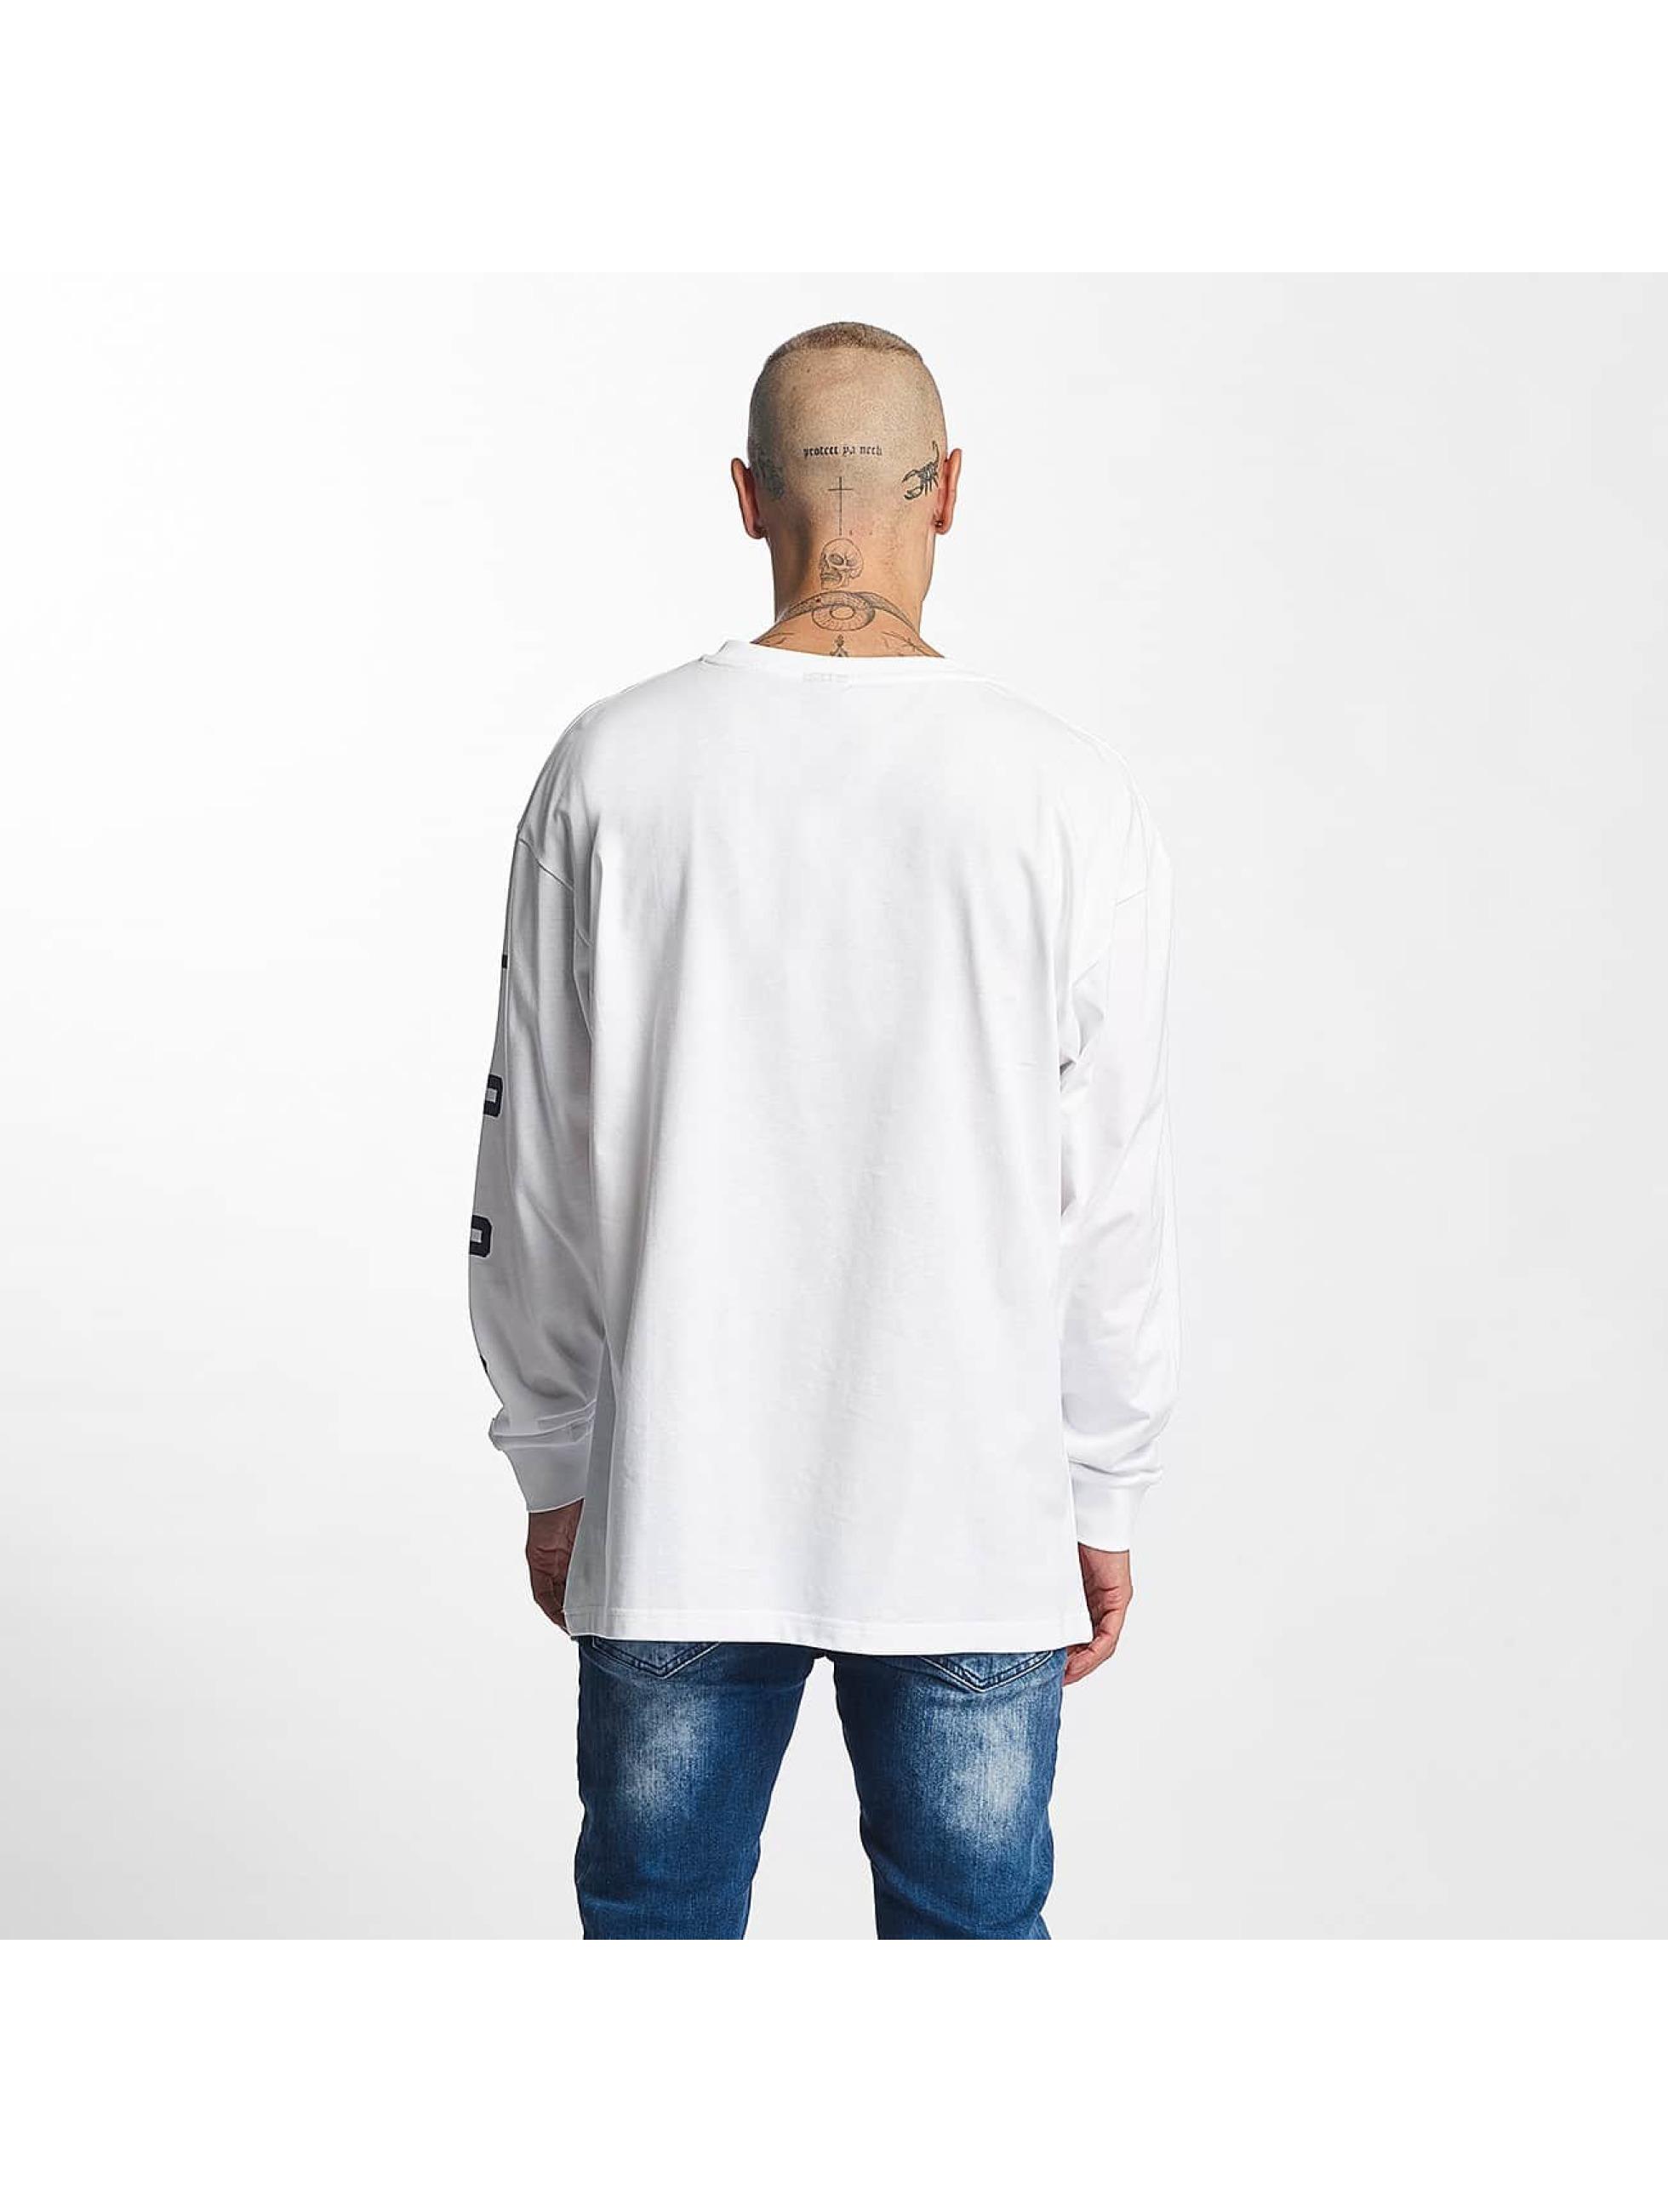 K1X Pitkähihaiset paidat Ivery Sports valkoinen